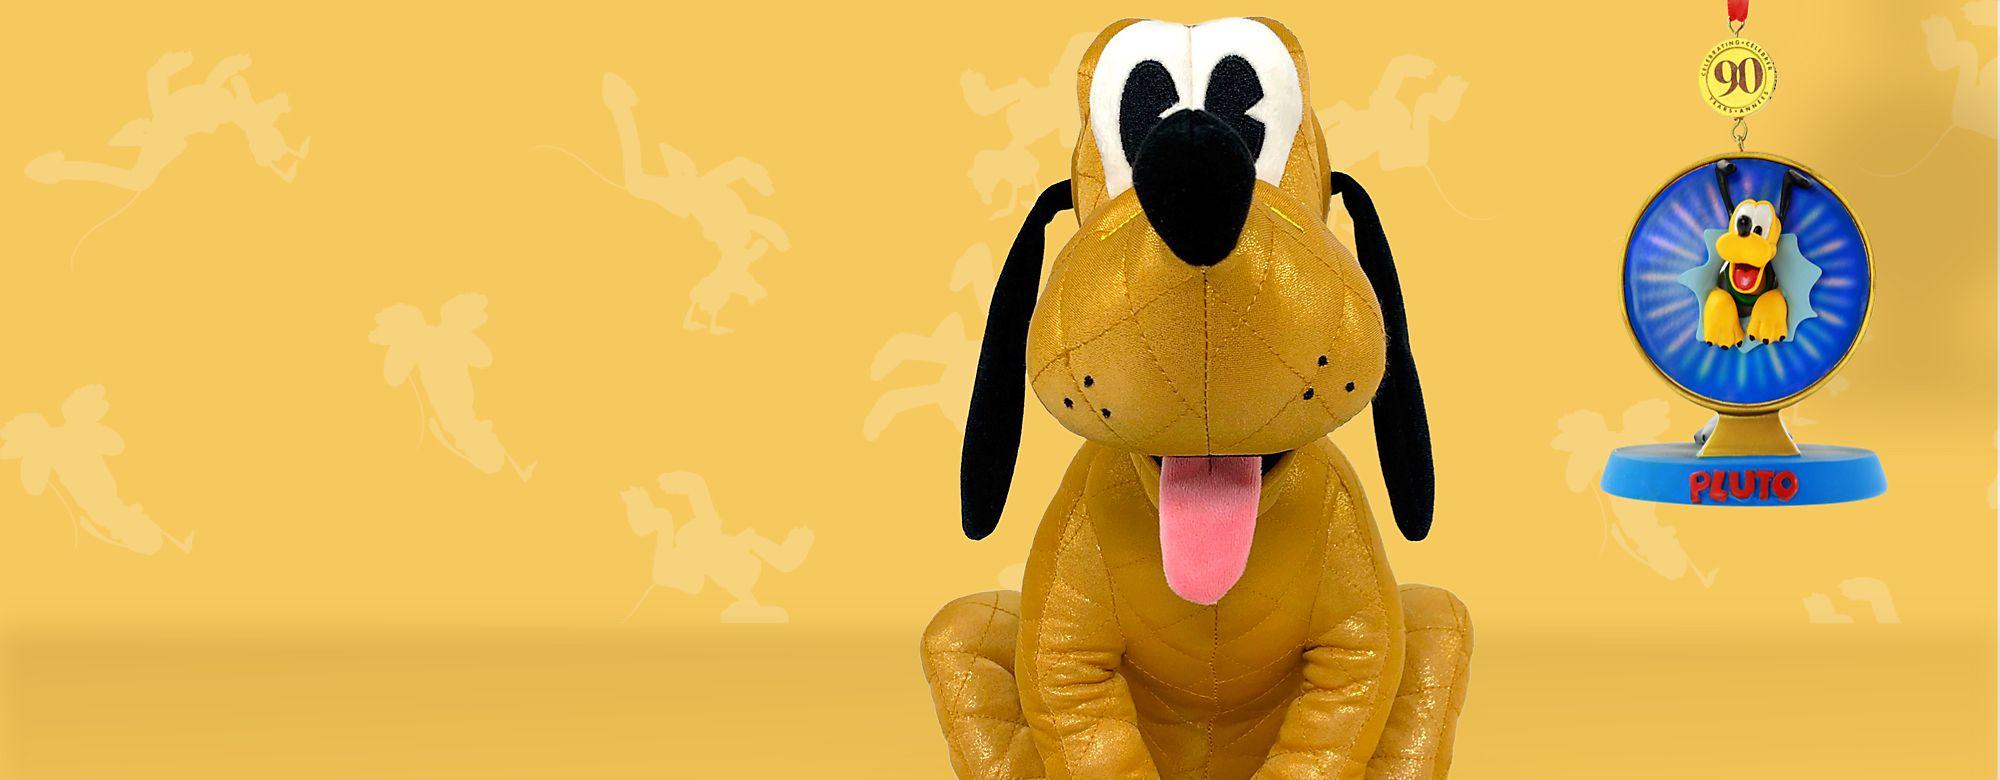 Pluto Scopri la nostra gamma di articoli ispirati a Pluto in occasione del suo 90° compleanno: peluche, articoli da collezione, tazze e tanto altro